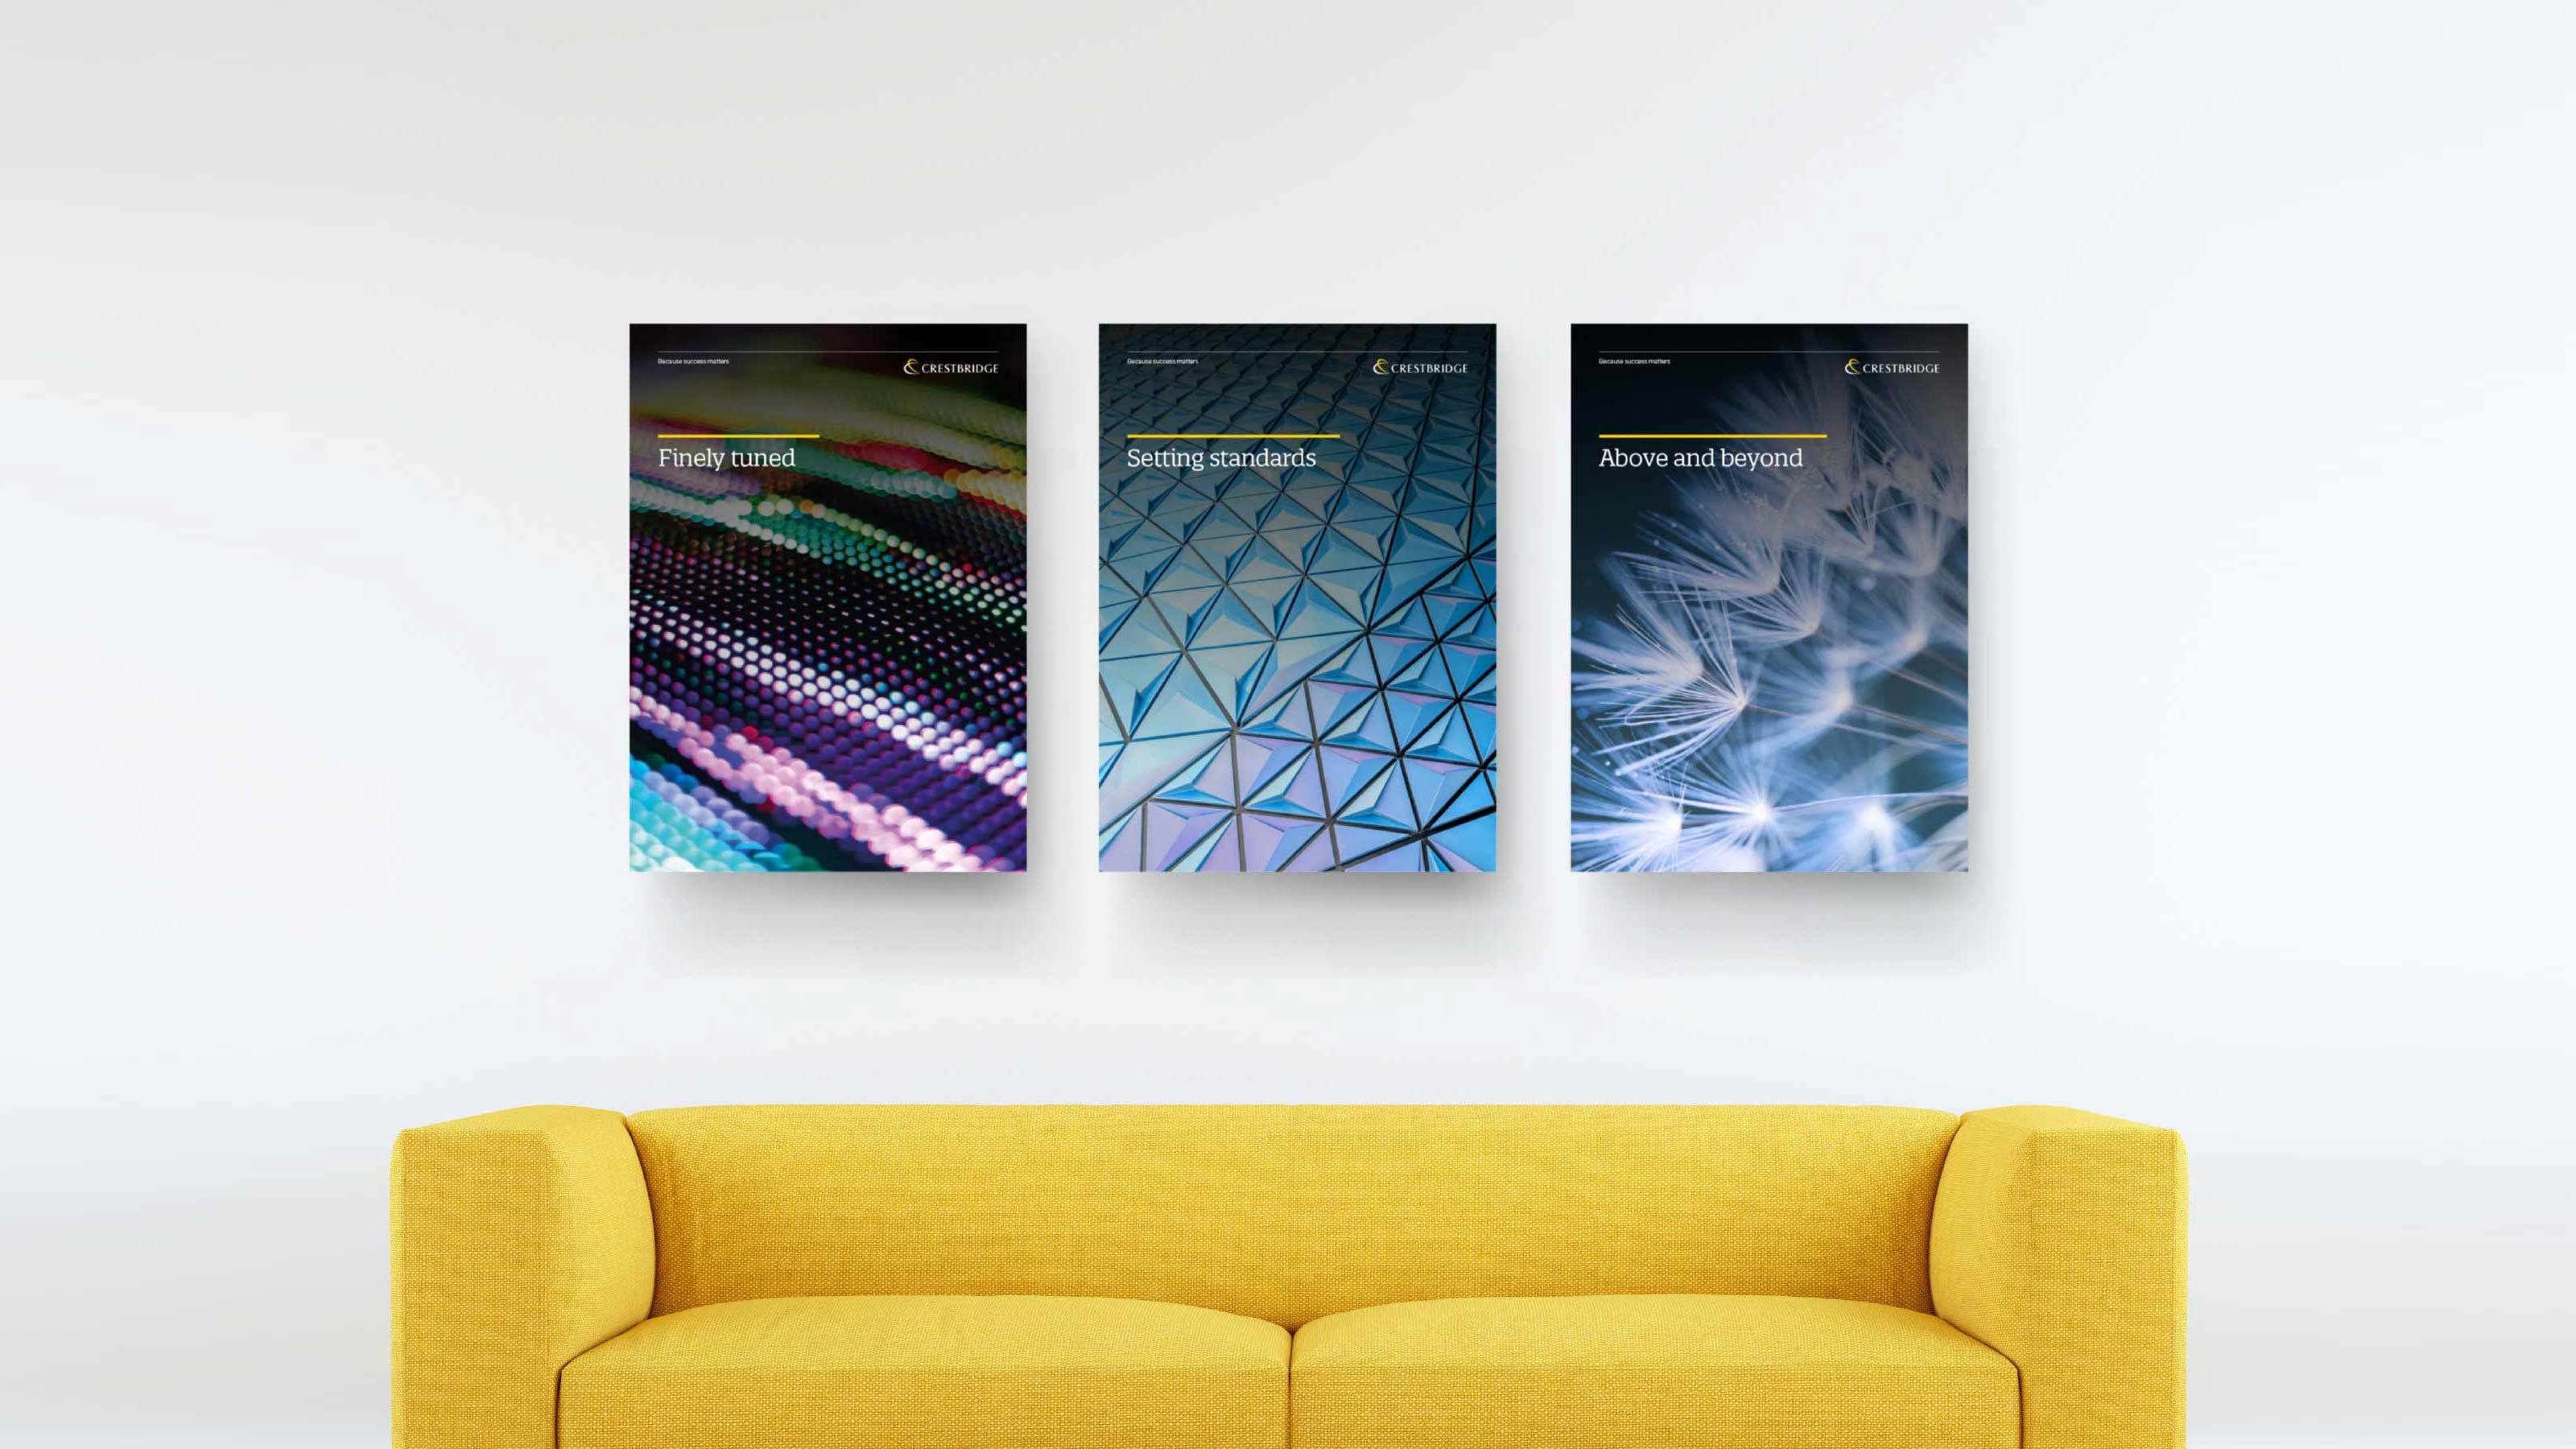 Marketing poster design Crestbridge